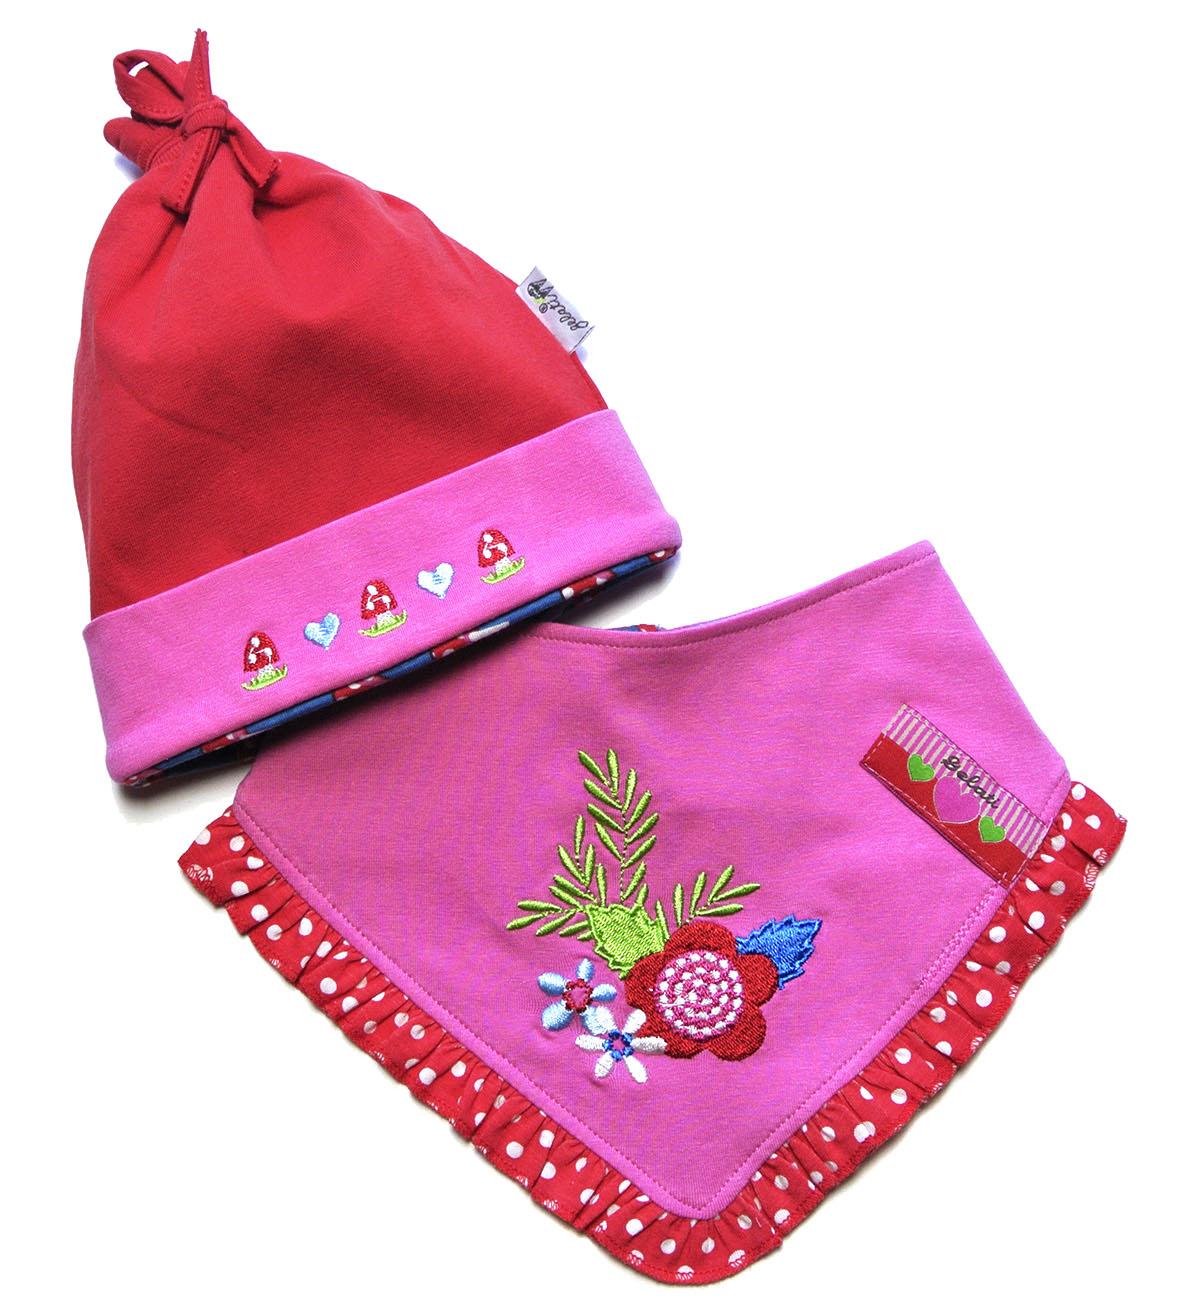 67028e3e5 Gelati Dievčenská súprava čiapky a šatky - ružovo-červený, 86 cm ...